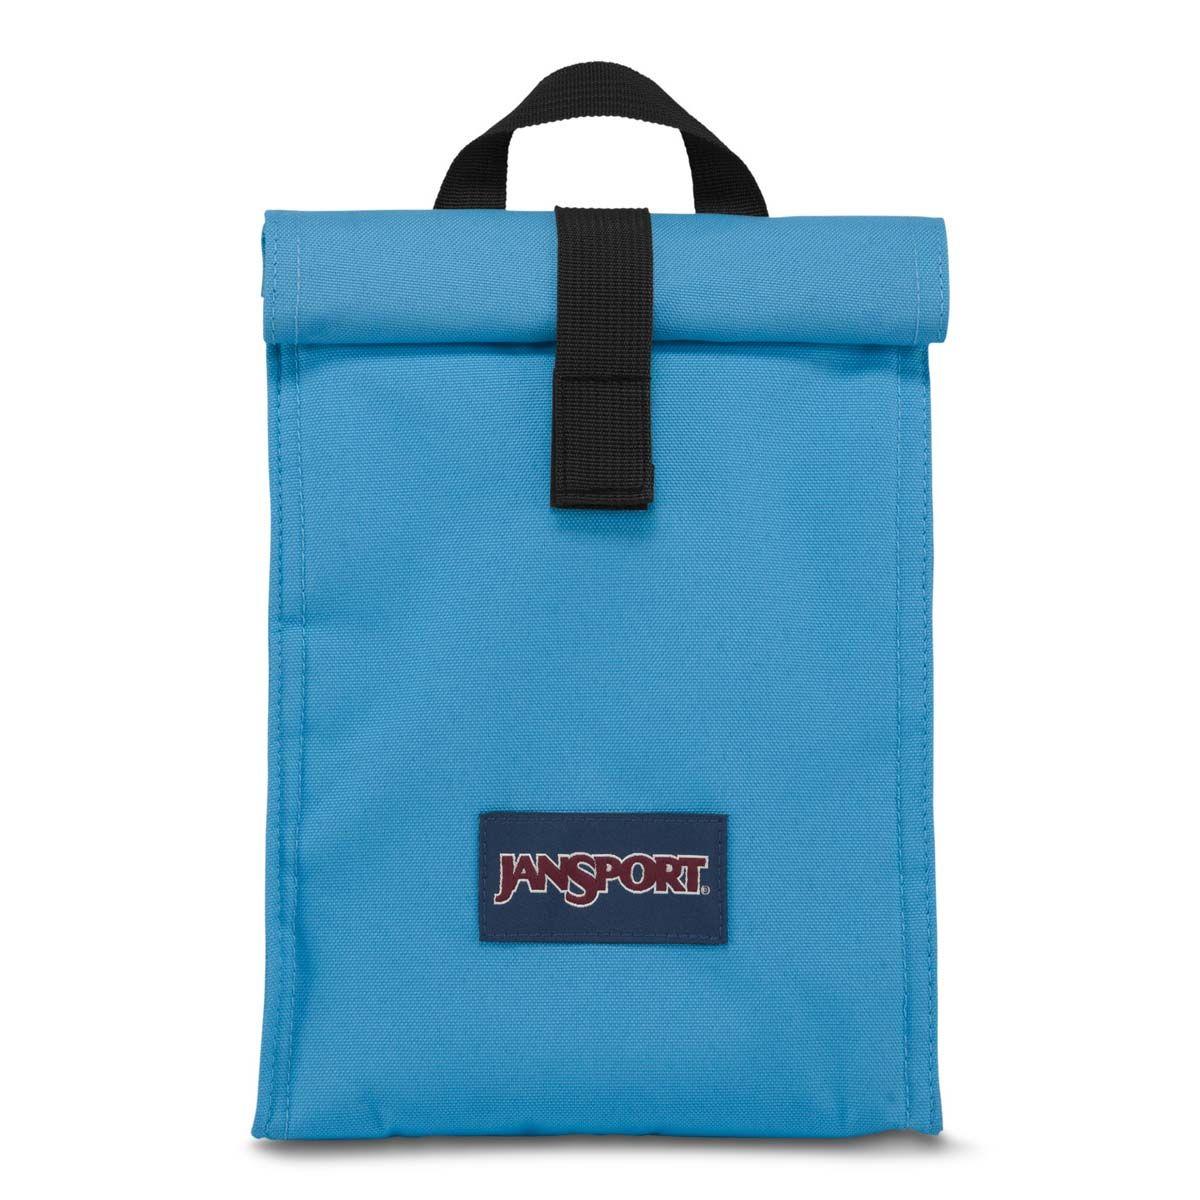 JanSport Rolltop Lunch Bag in Coastal Blue